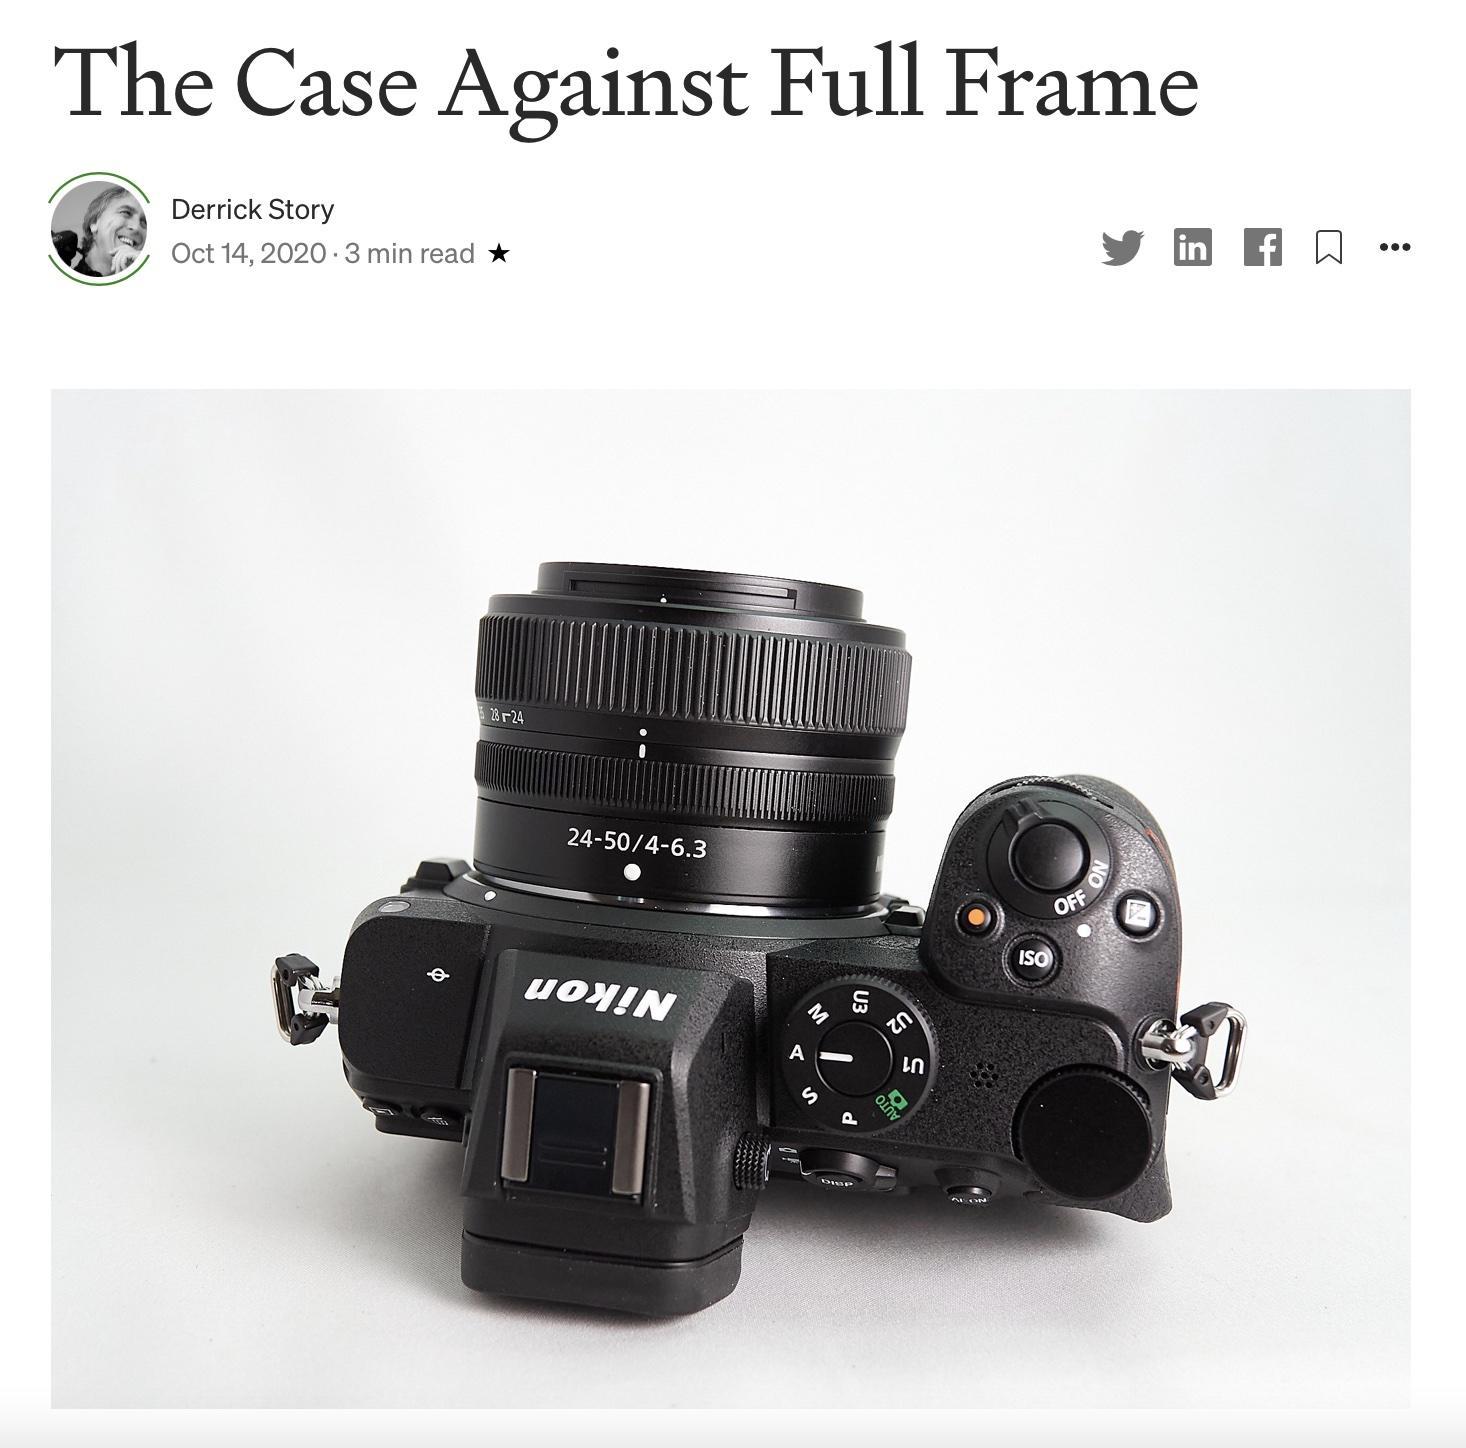 https://thedigitalstory.com/2021/06/Case-Against-Full-Frame.jpg